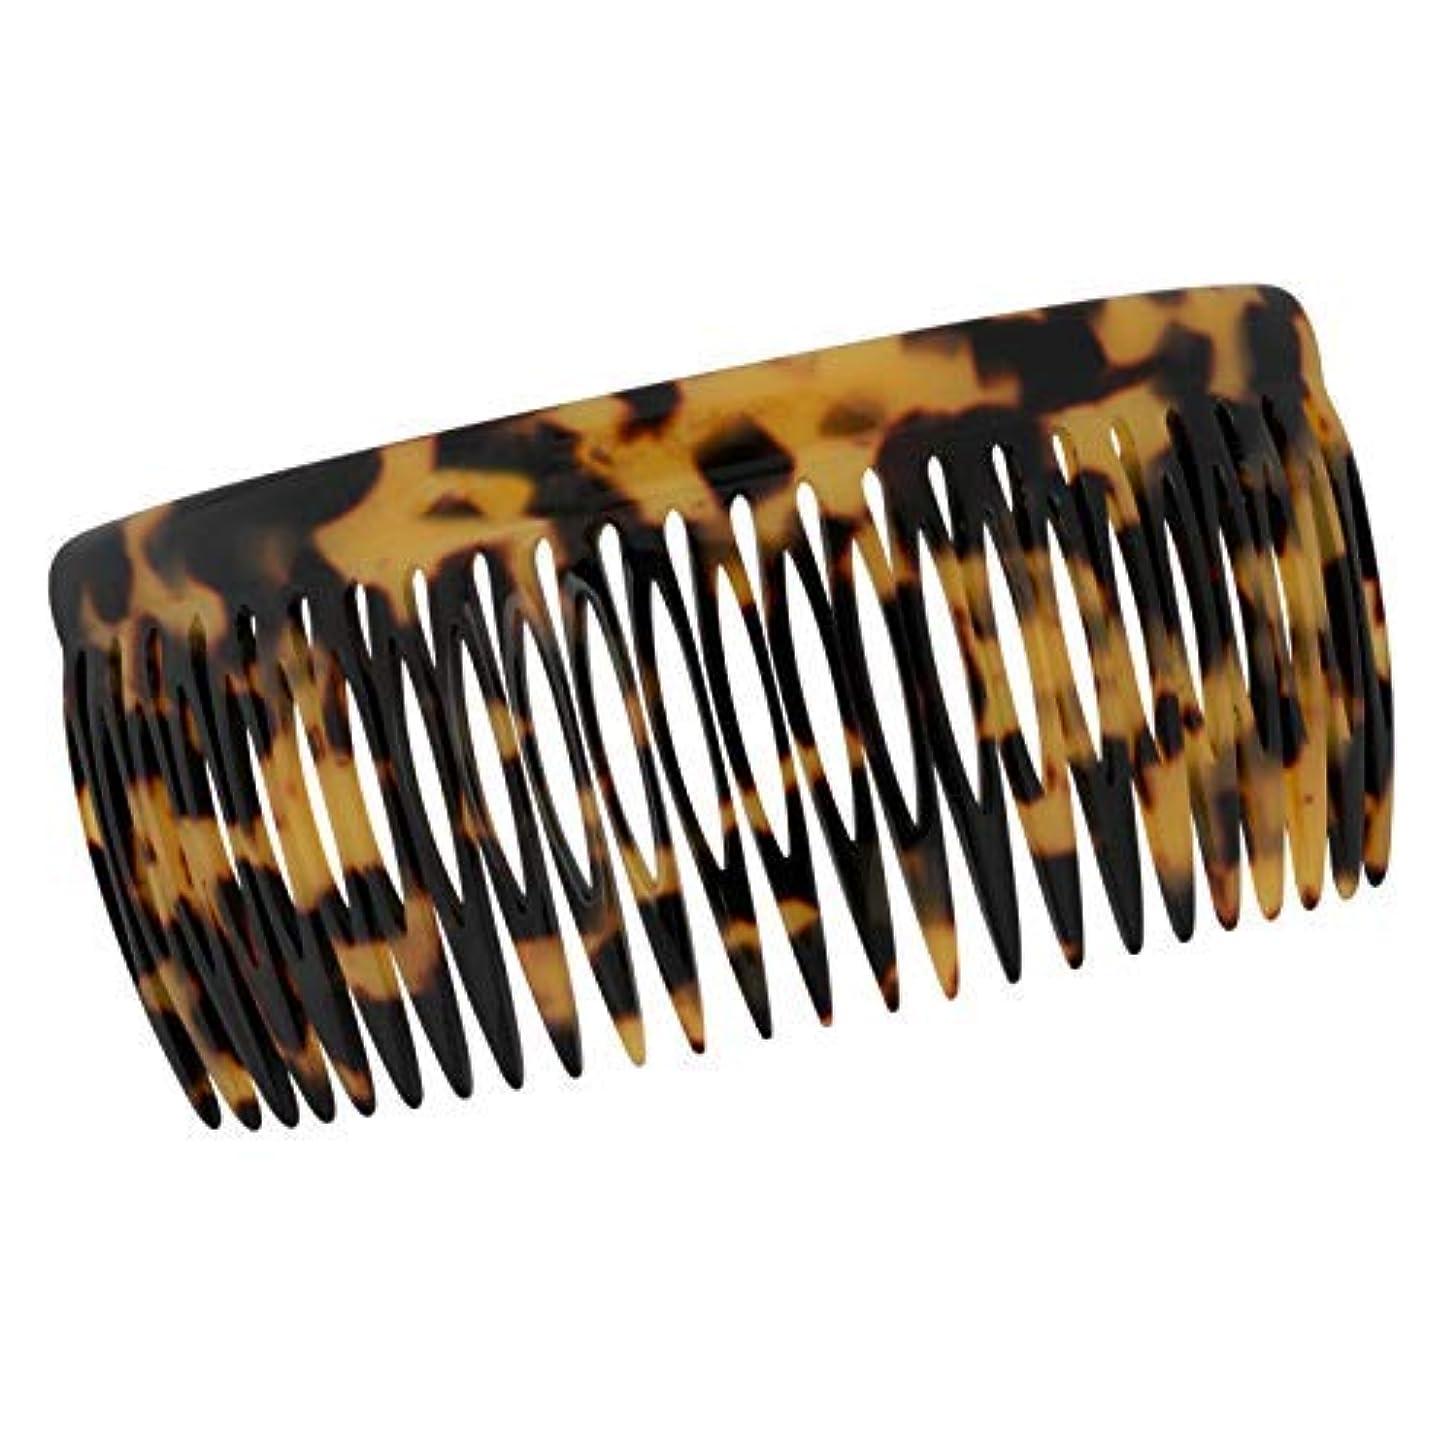 個人こしょう過度のCharles J. Wahba Long Classic Long Side Comb - 24 Teeth - Handmade in France (Tokyo Tortoise Color) [並行輸入品]